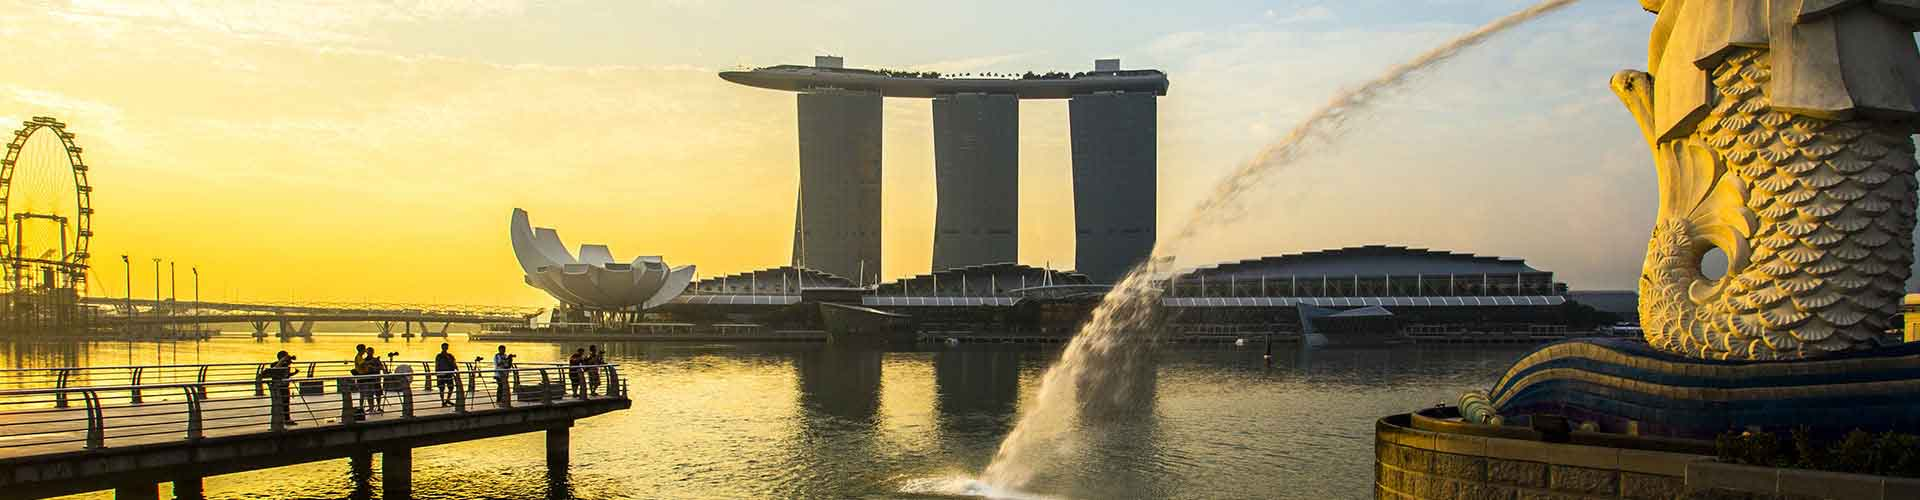 Singapur - Hostele w mieście: Singapur, Mapy: Singapur, Zdjęcia i Recenzje dla każdego hostelu w mieście Singapur.